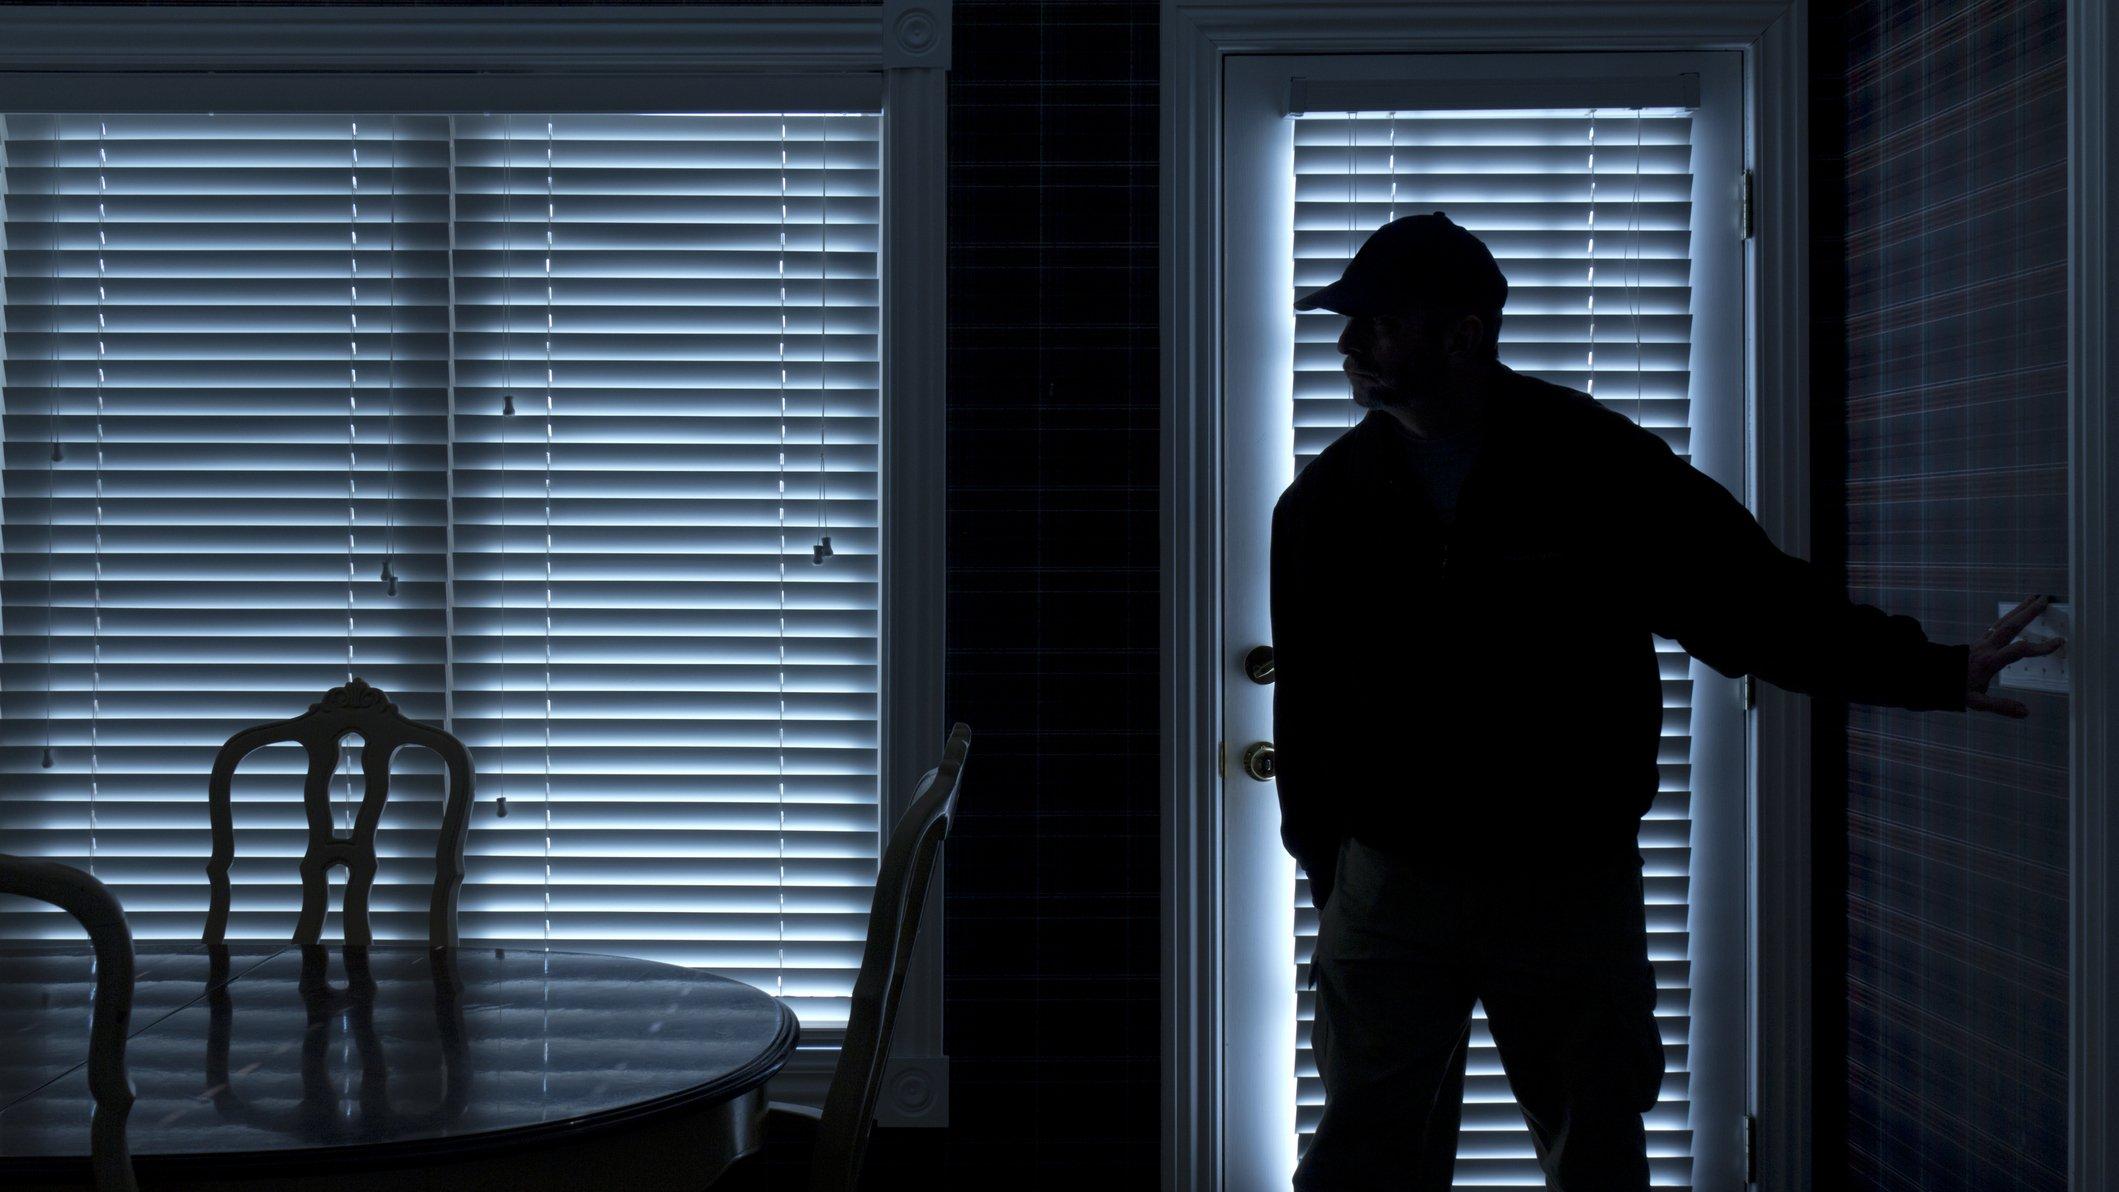 Einbruchschutz - Sicherheit für Haus und Wohnung